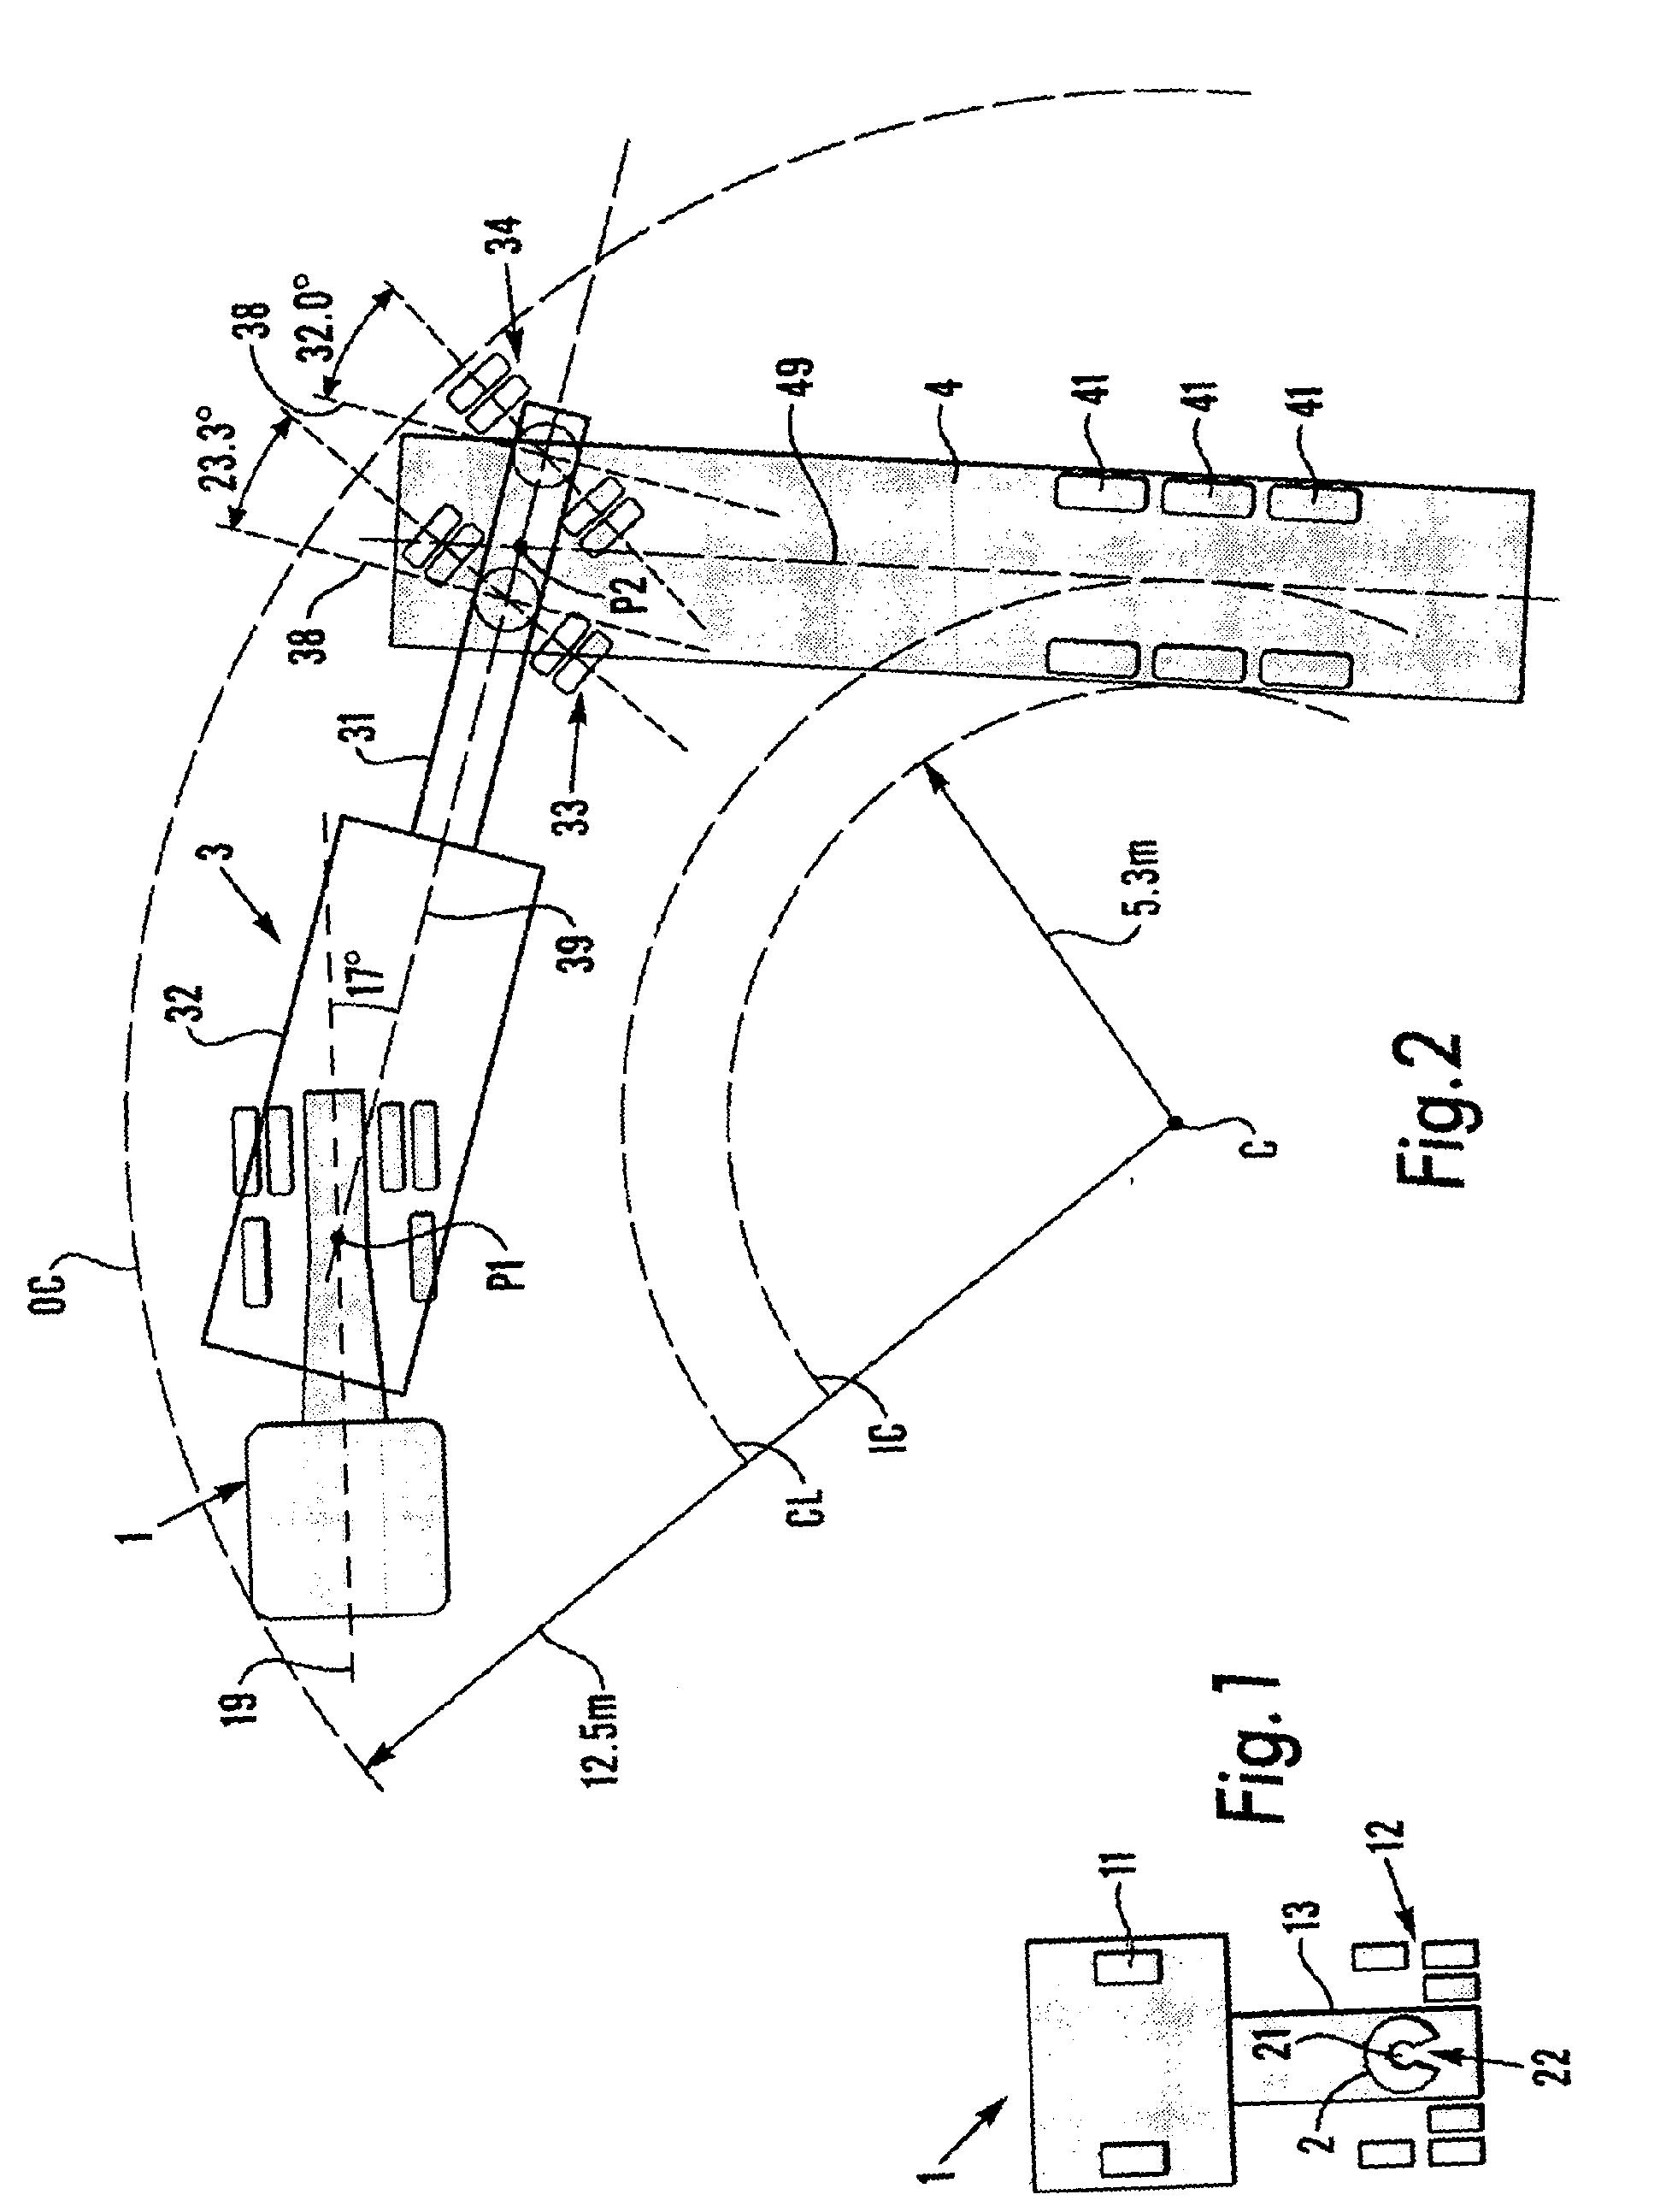 tractor trailer turning radius diagram